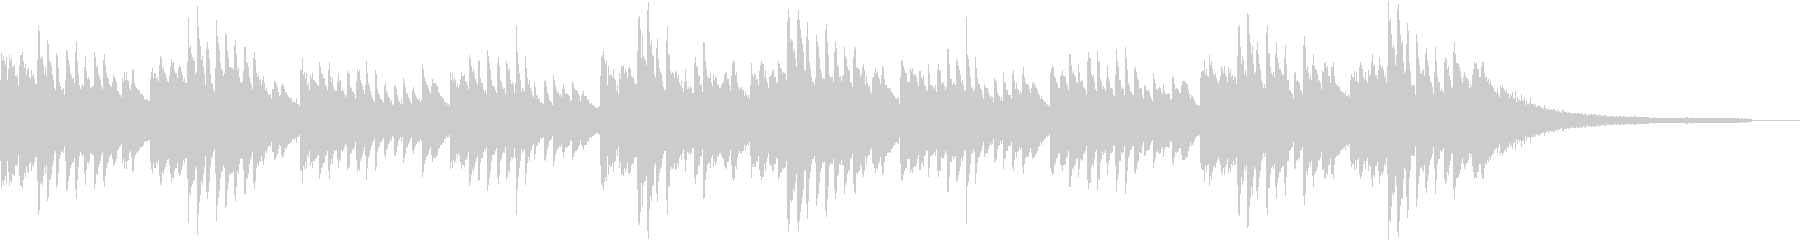 ミステリアスなピアノBGMの未再生の波形